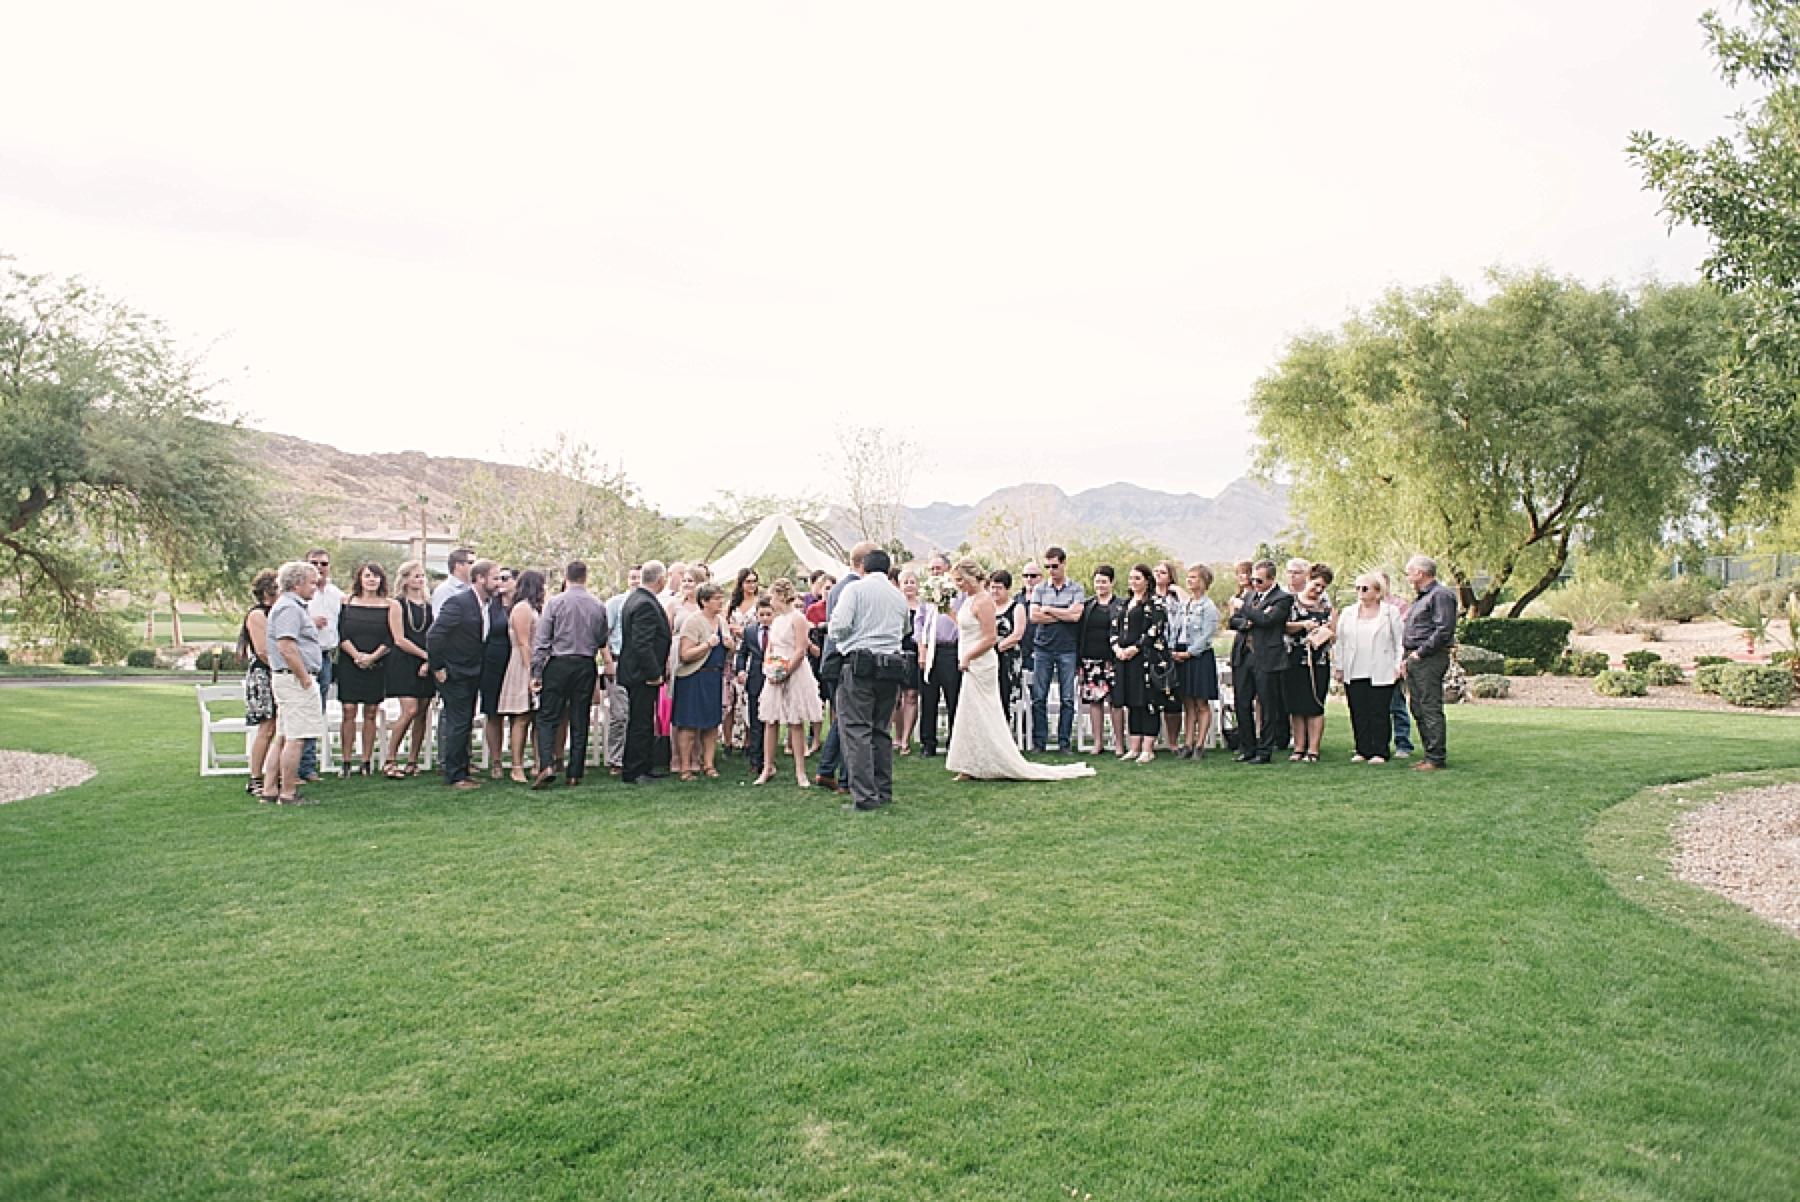 las_vegas_wedding_photographers_behind_the_scenes-03-2.jpg